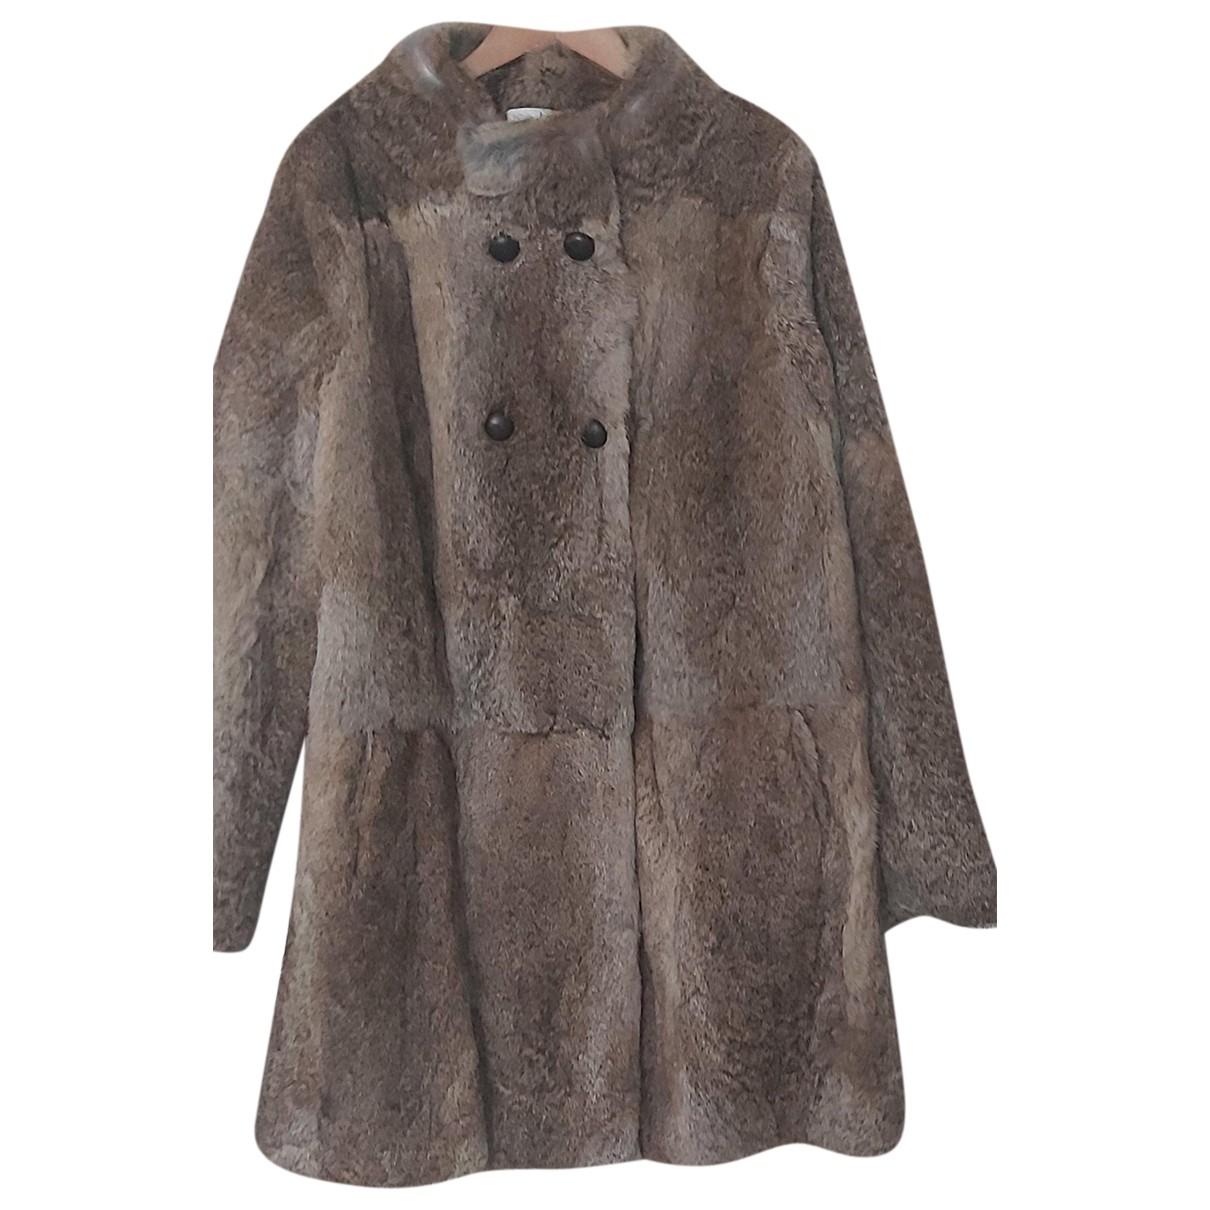 Ba&sh Fall Winter 2019 Beige Rabbit coat for Women 40 FR